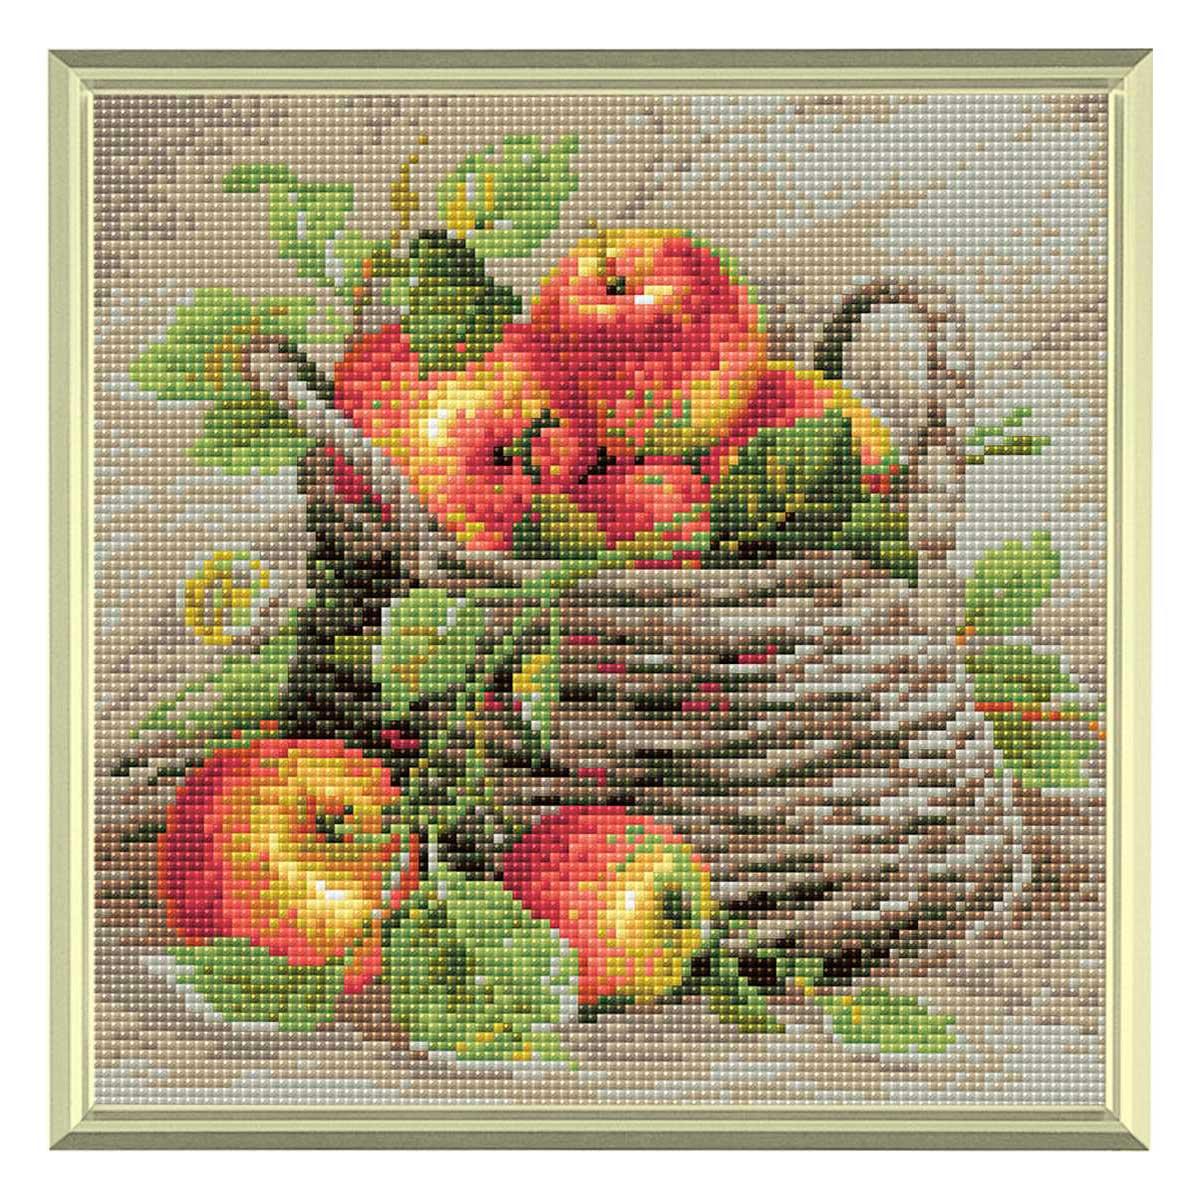 AM0015 Набор алмазной мозаики Риолис «Спелые яблоки» 27*27см